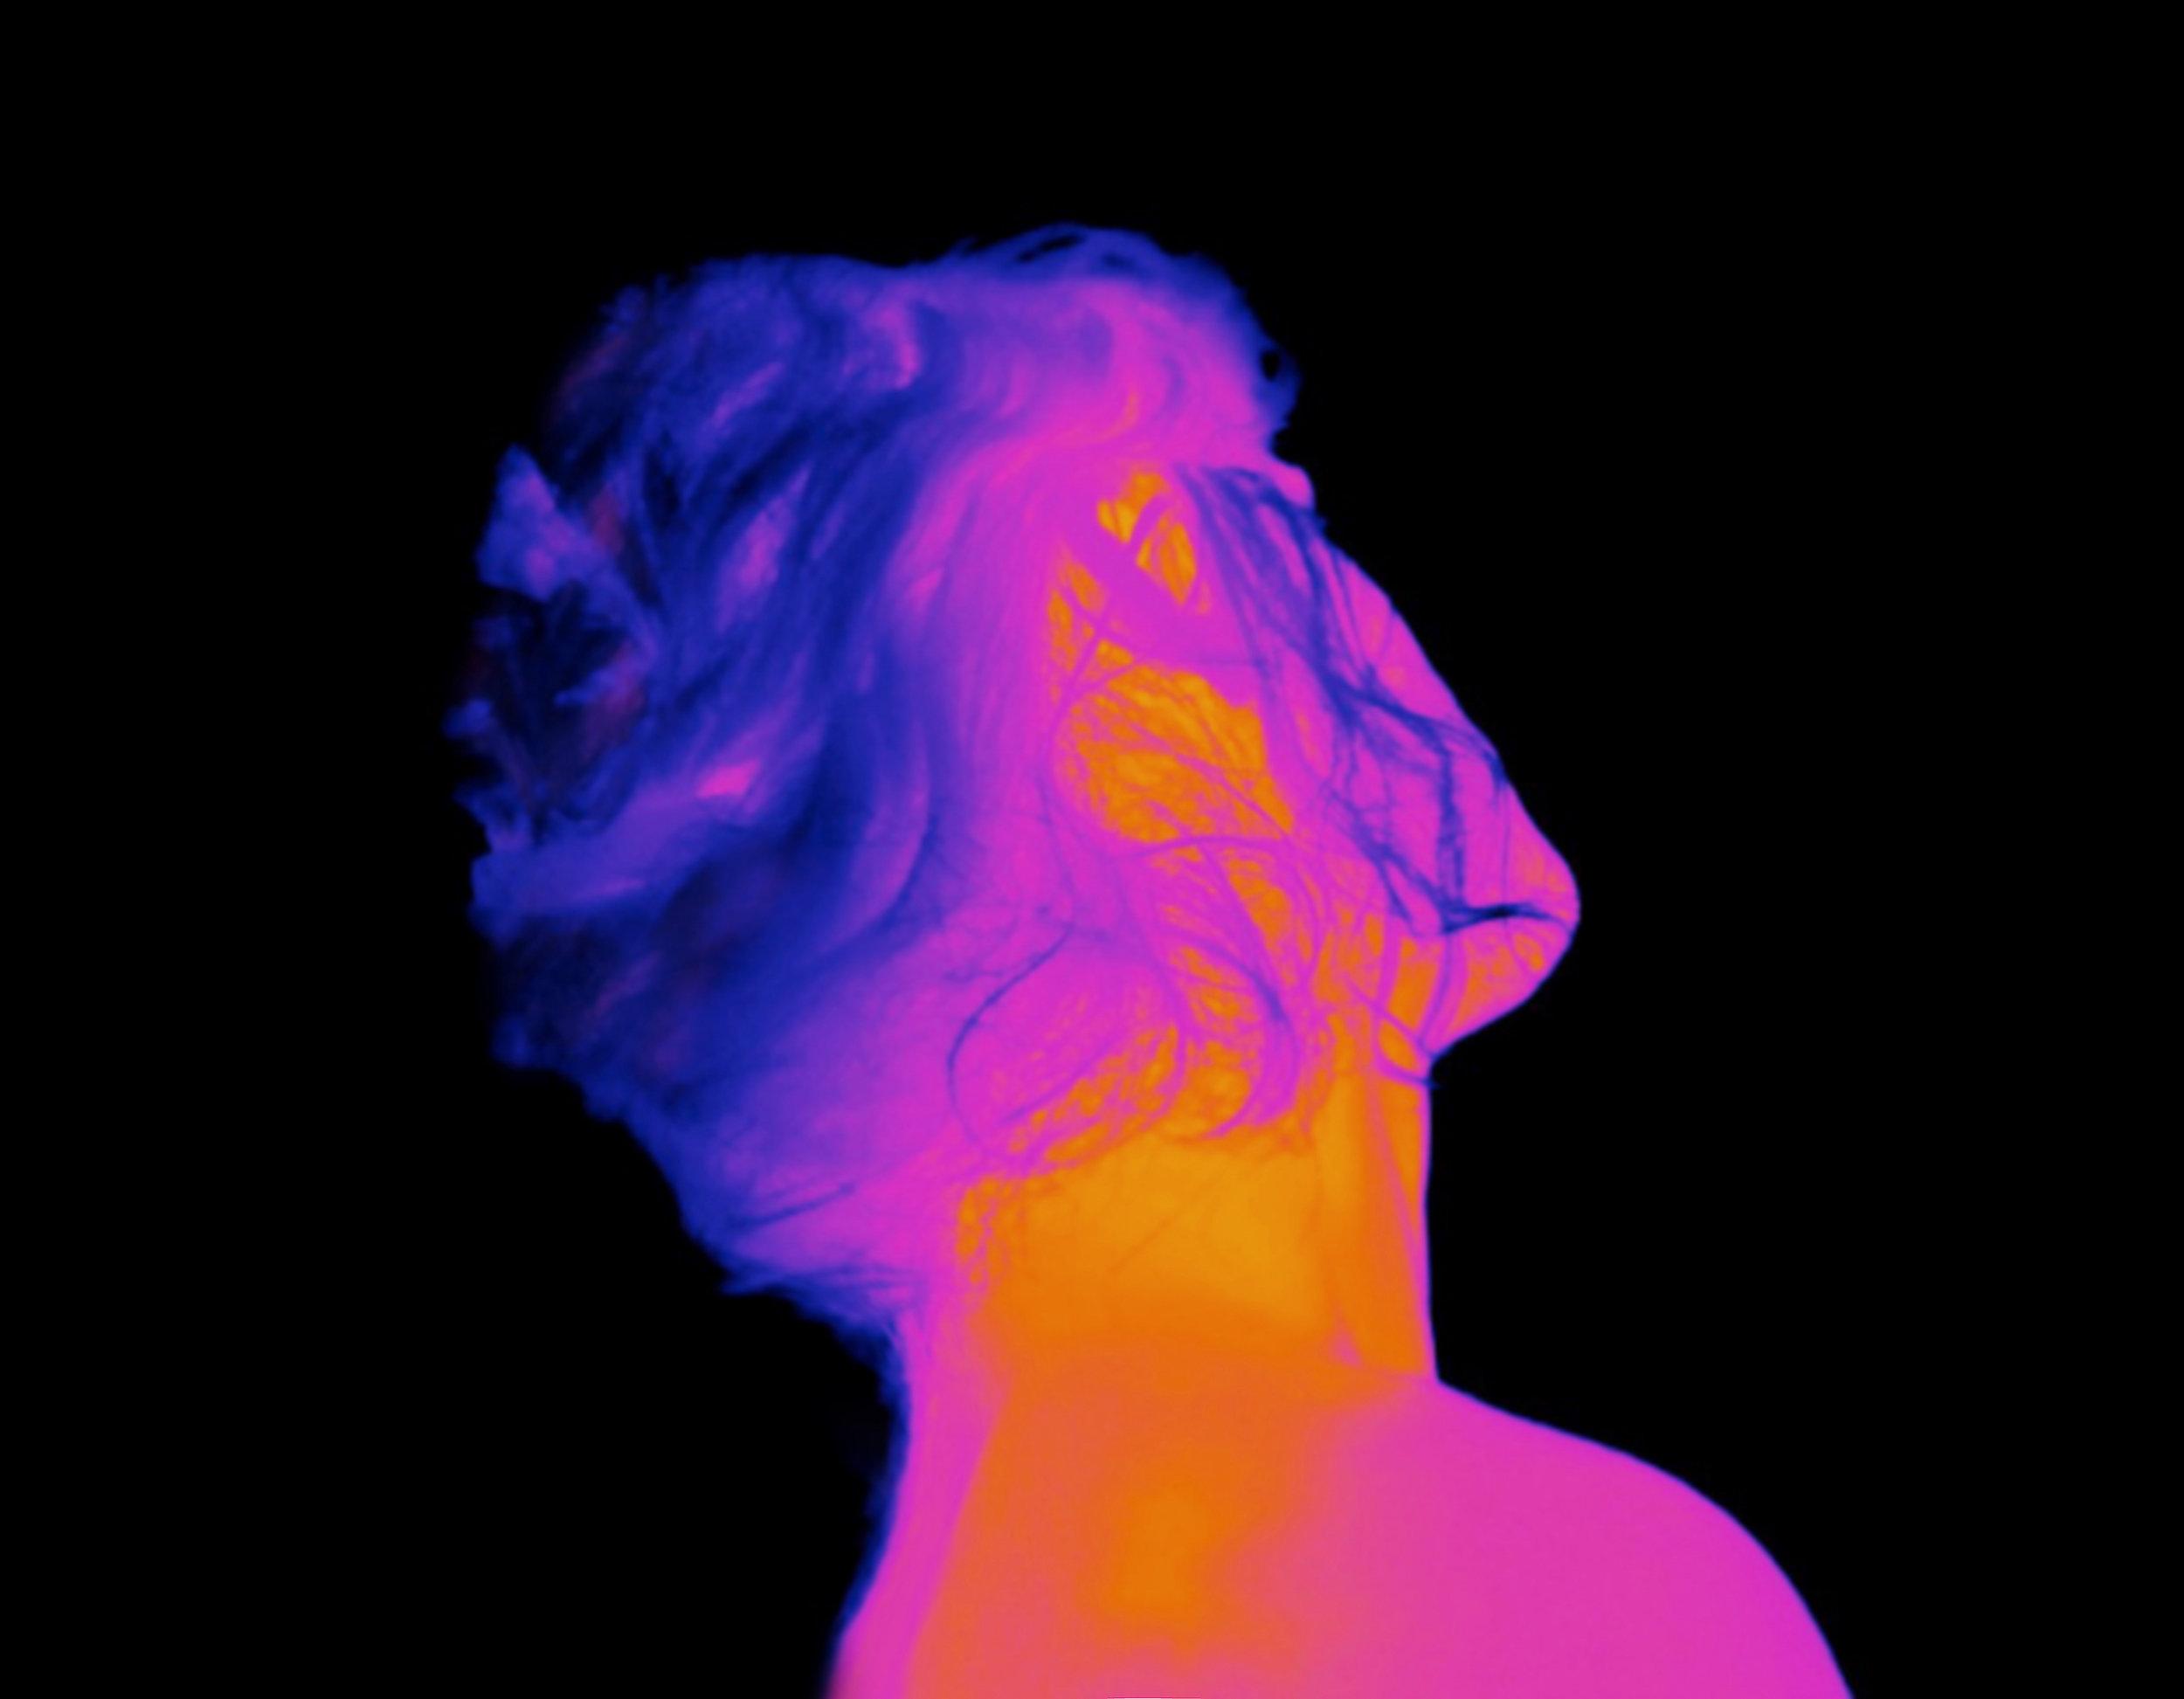 © SMITH, Spectrographies 08, 2014. Courtesy galerie Les Filles du Calvaire, Paris